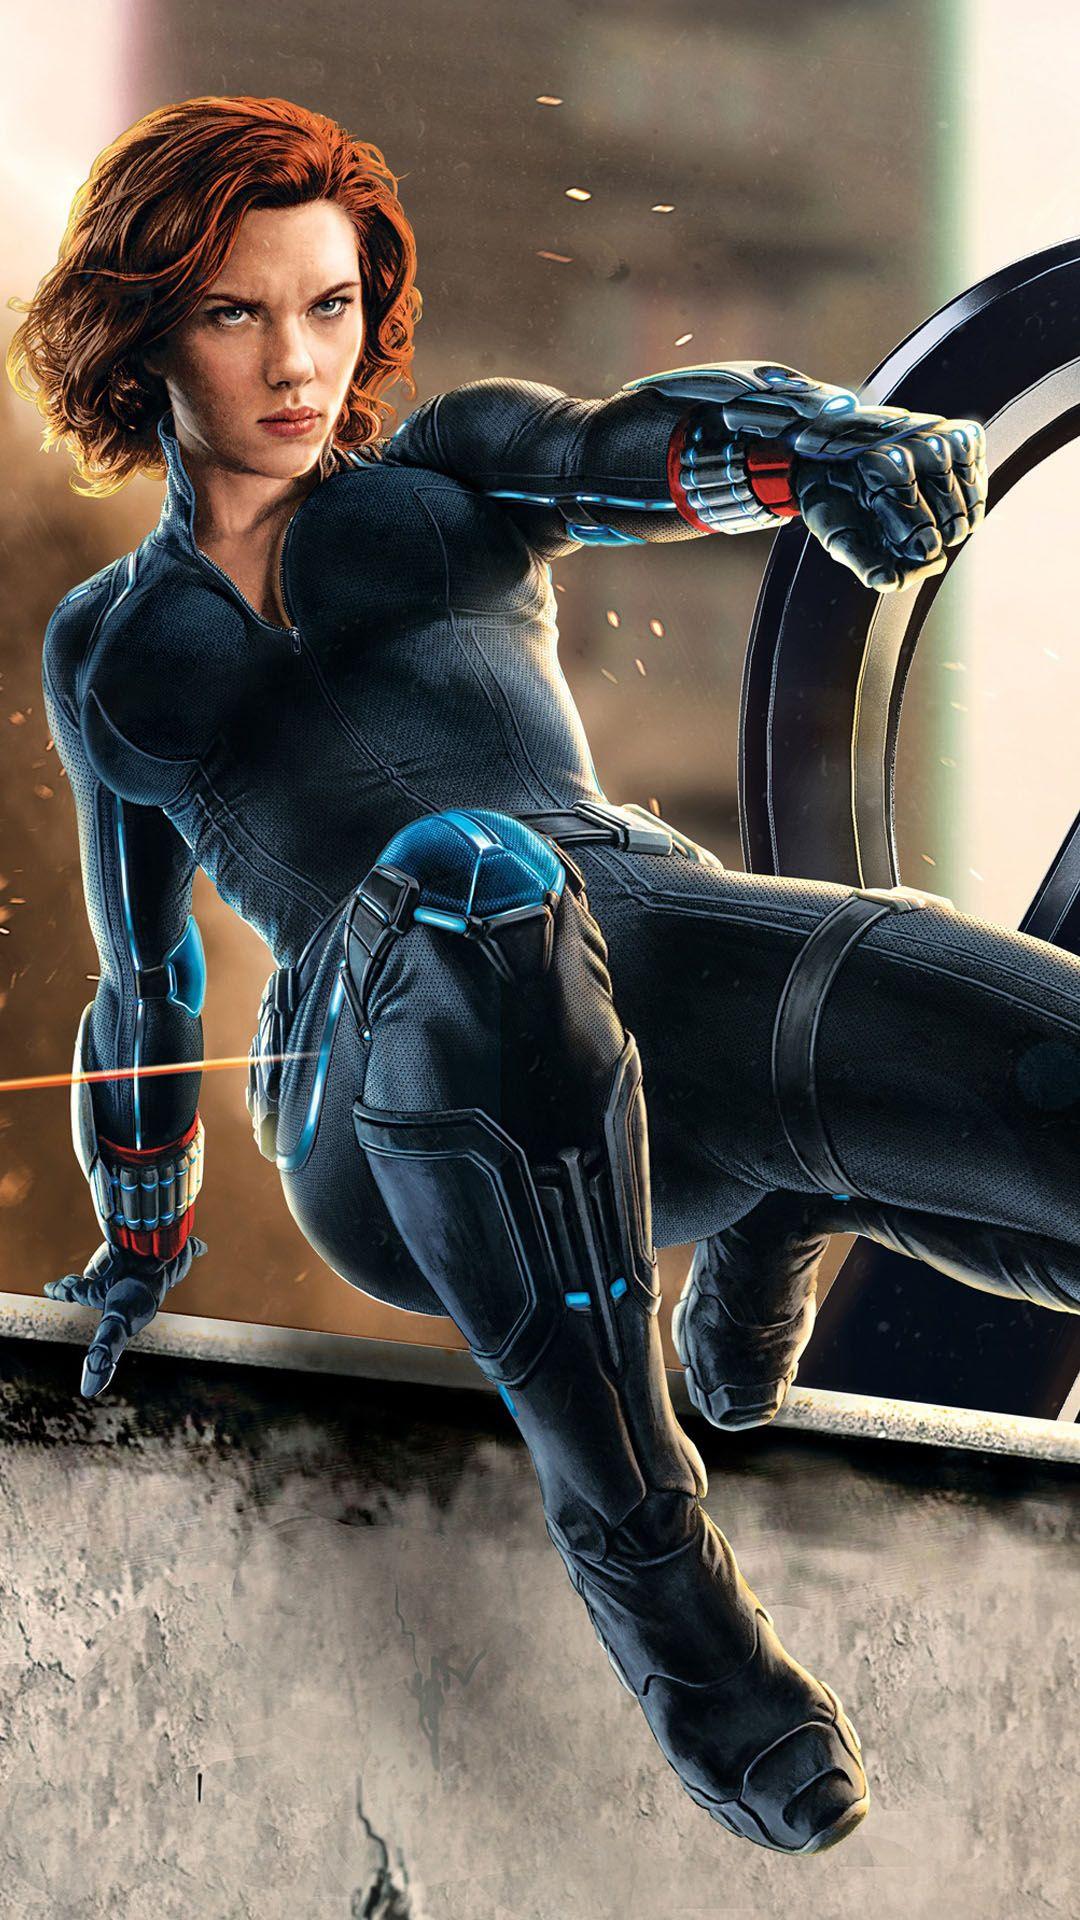 Natasha Romanoff Black Widow Daily iPhone 6/5/4